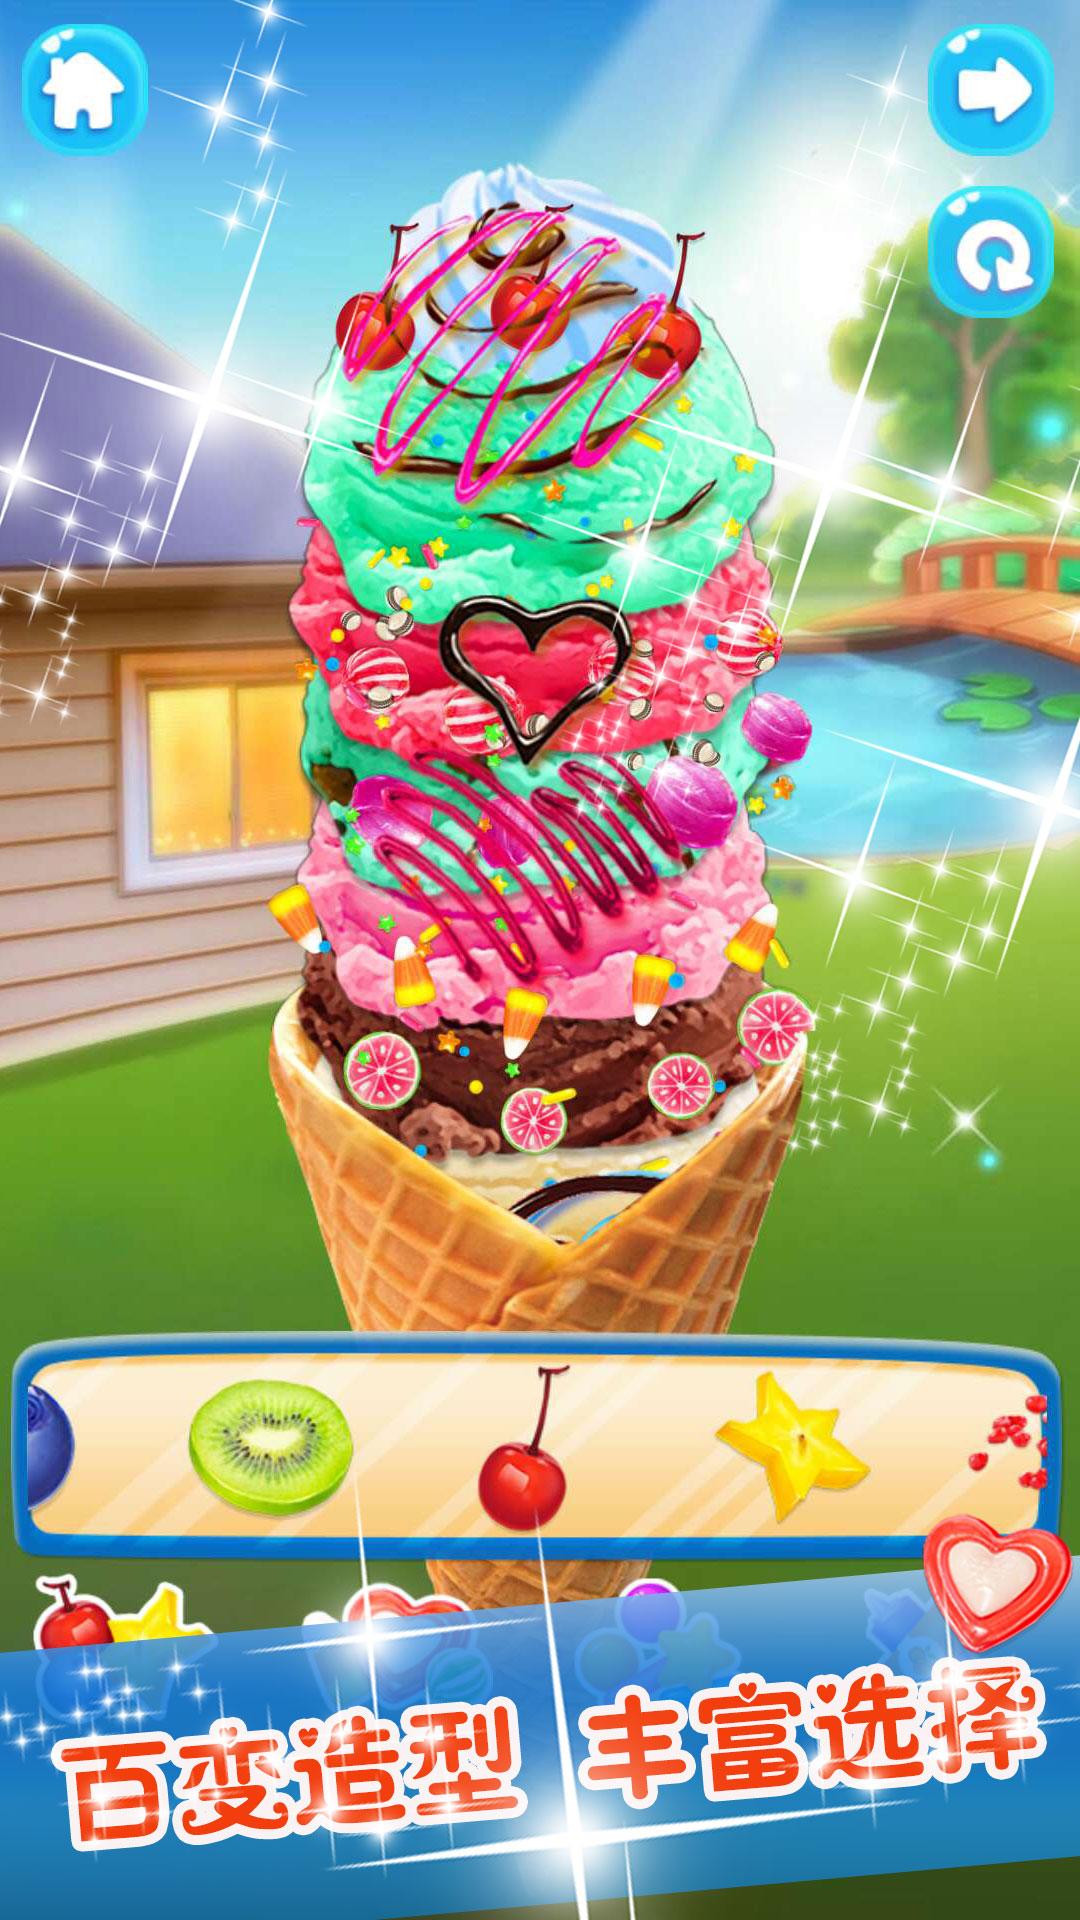 米莉小公主做冰淇淋|米莉小公主做冰淇淋精简版下载 3.8 - (图3)